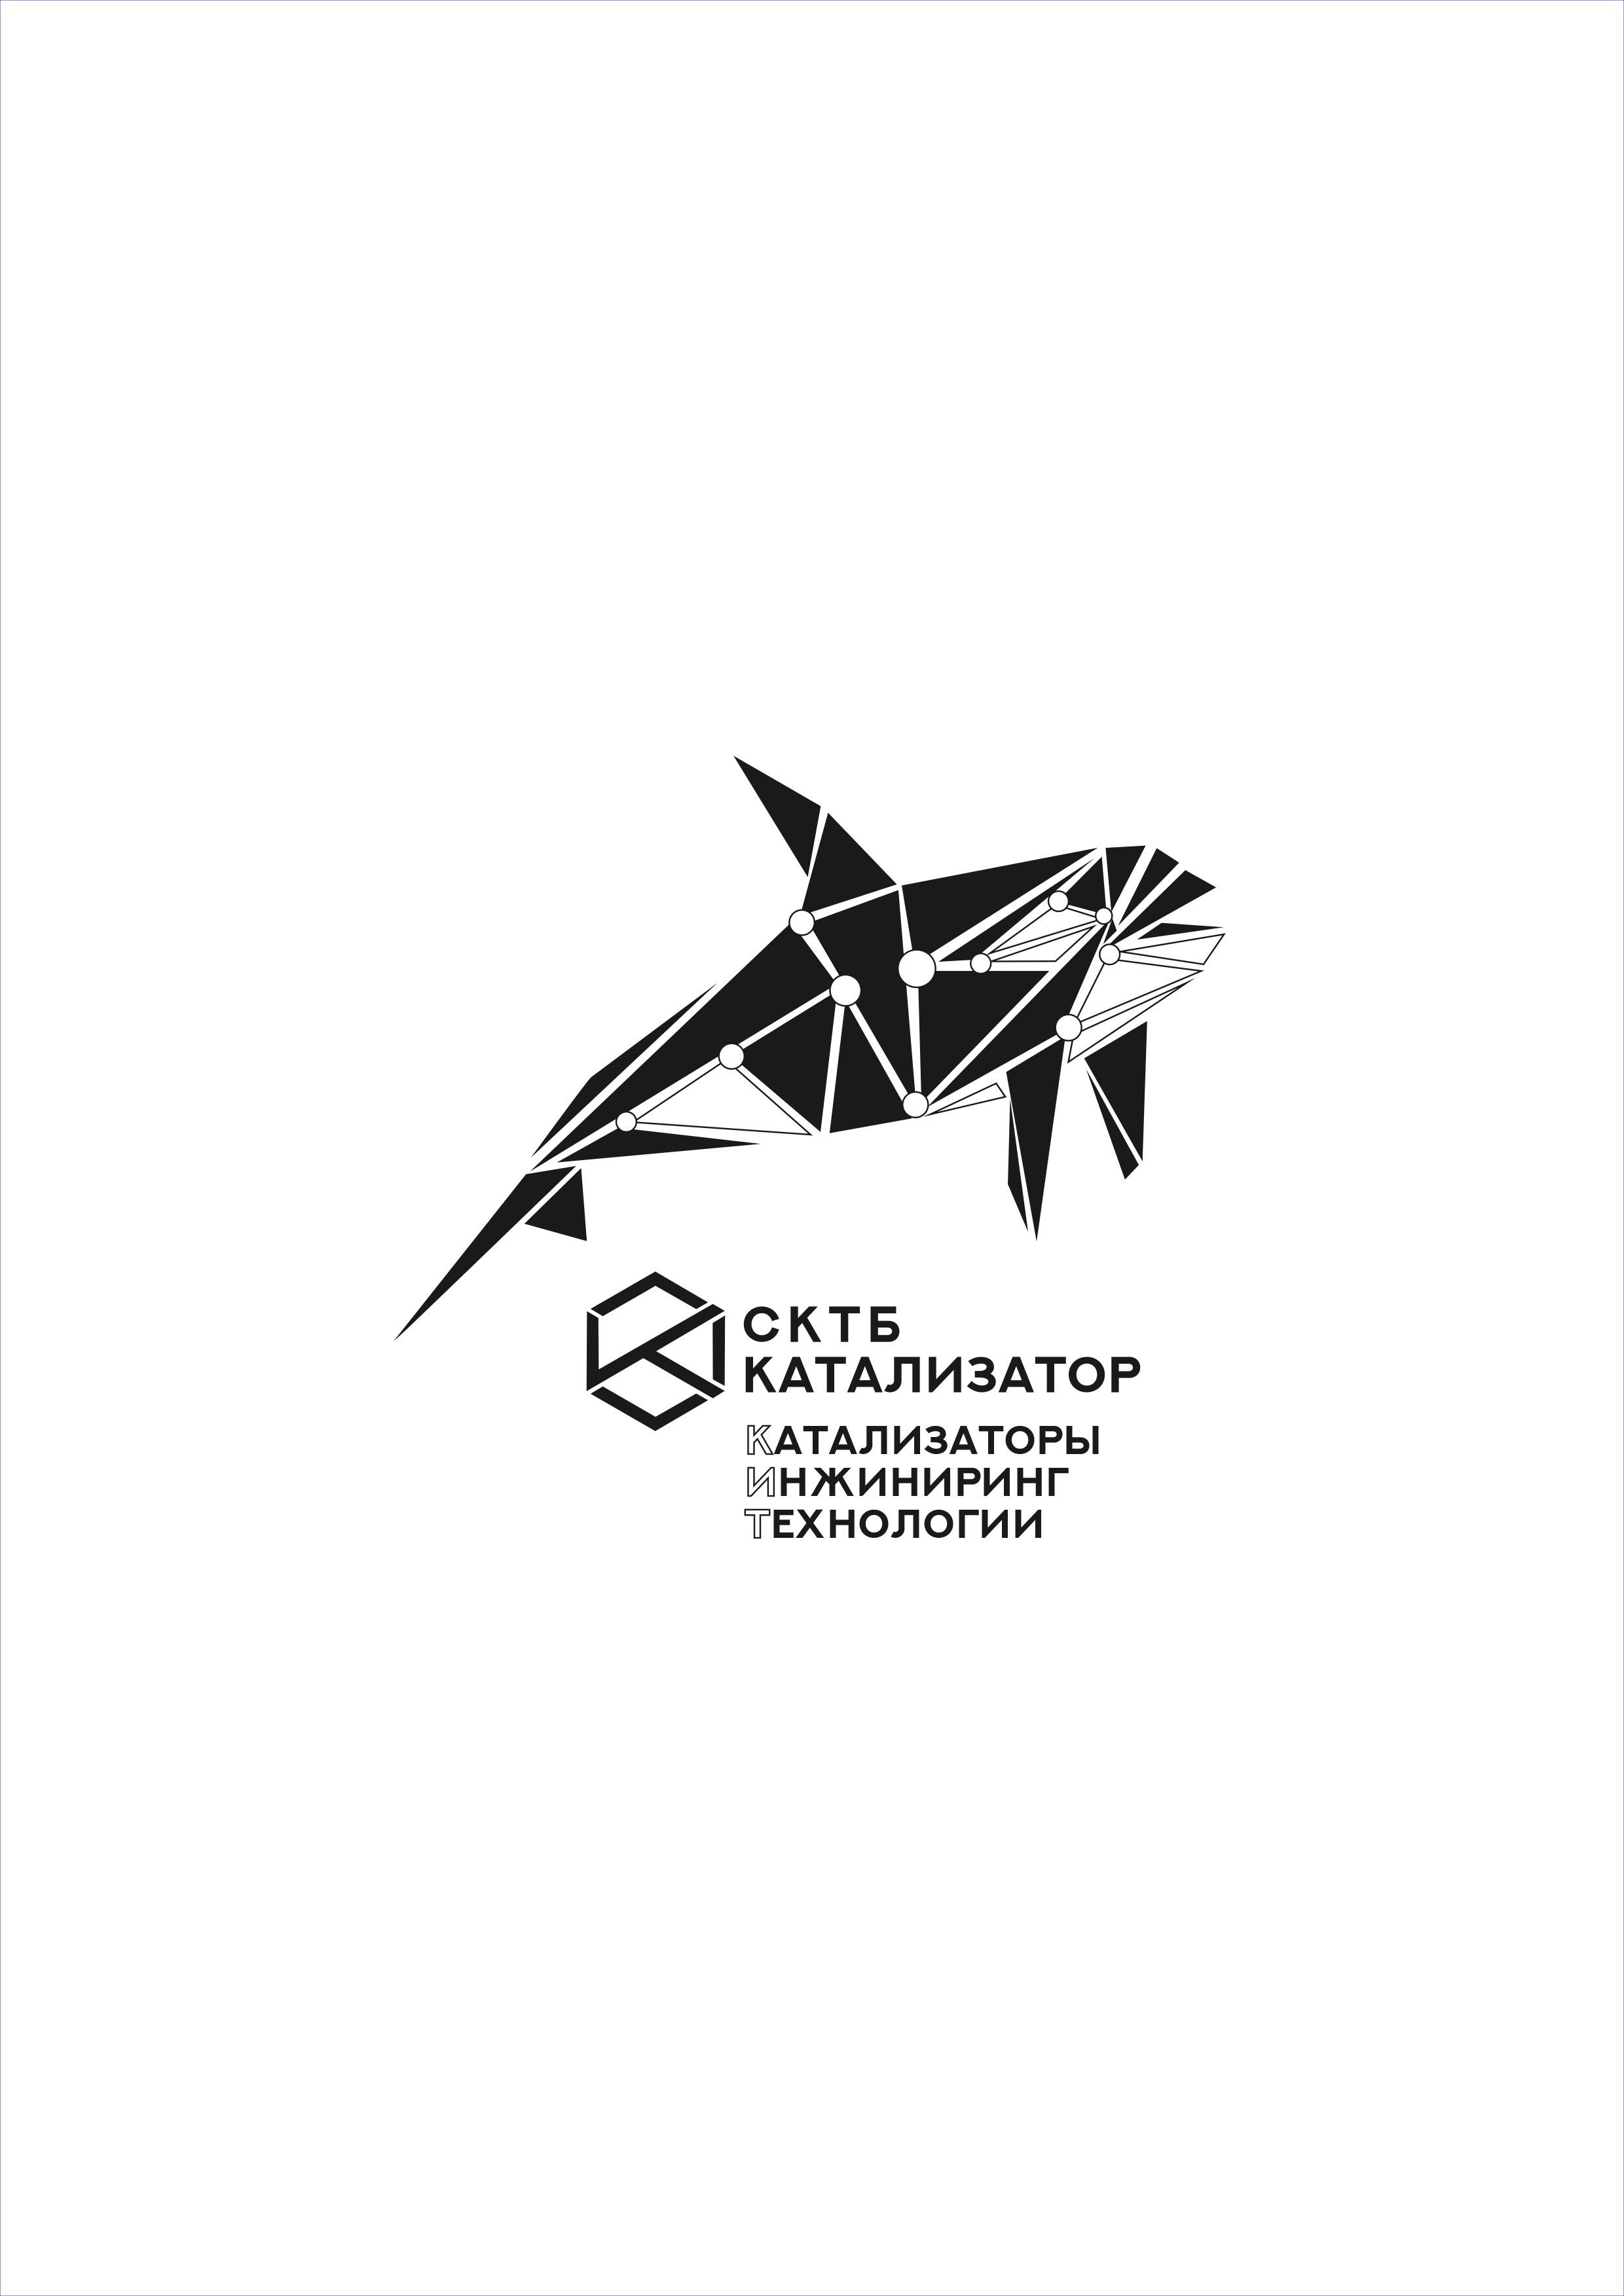 Разработка фирменного символа компании - касатки, НЕ ЛОГОТИП фото f_7665b1a356213c5b.jpg